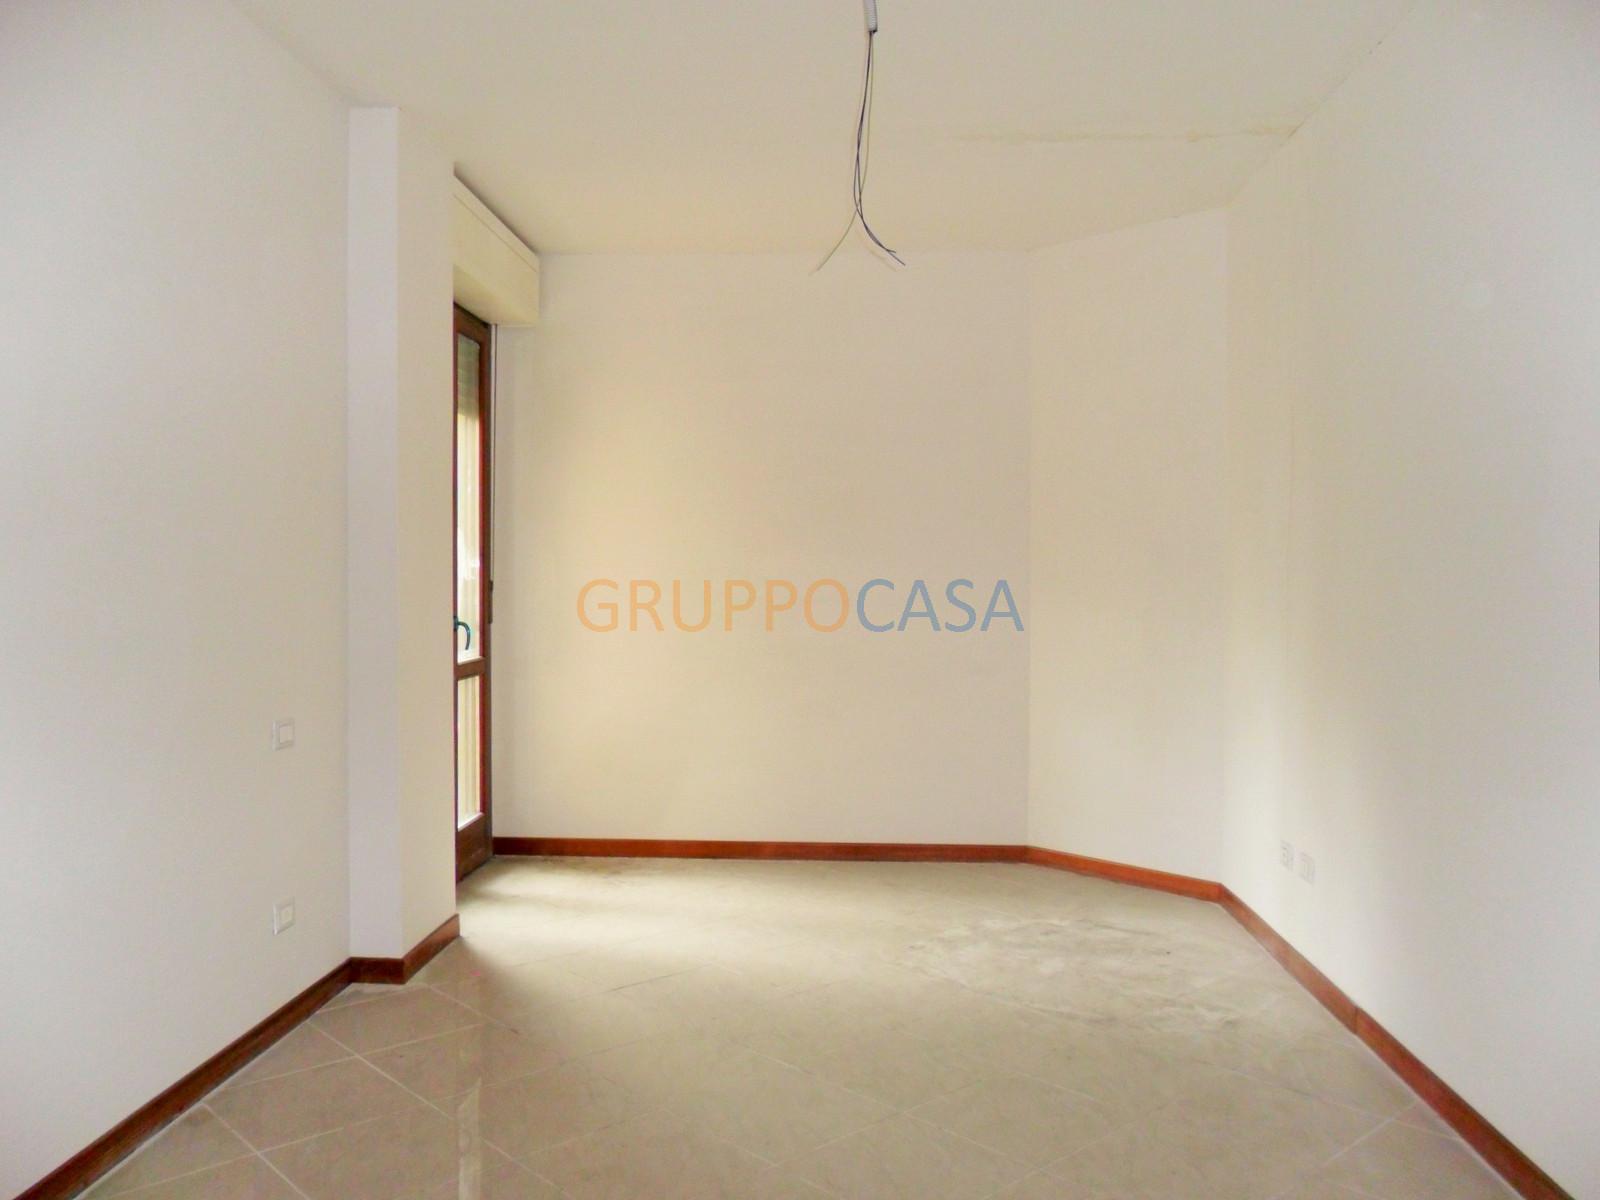 Ufficio / Studio in vendita a Pescia, 9999 locali, zona Località: Centro, prezzo € 160.000 | CambioCasa.it